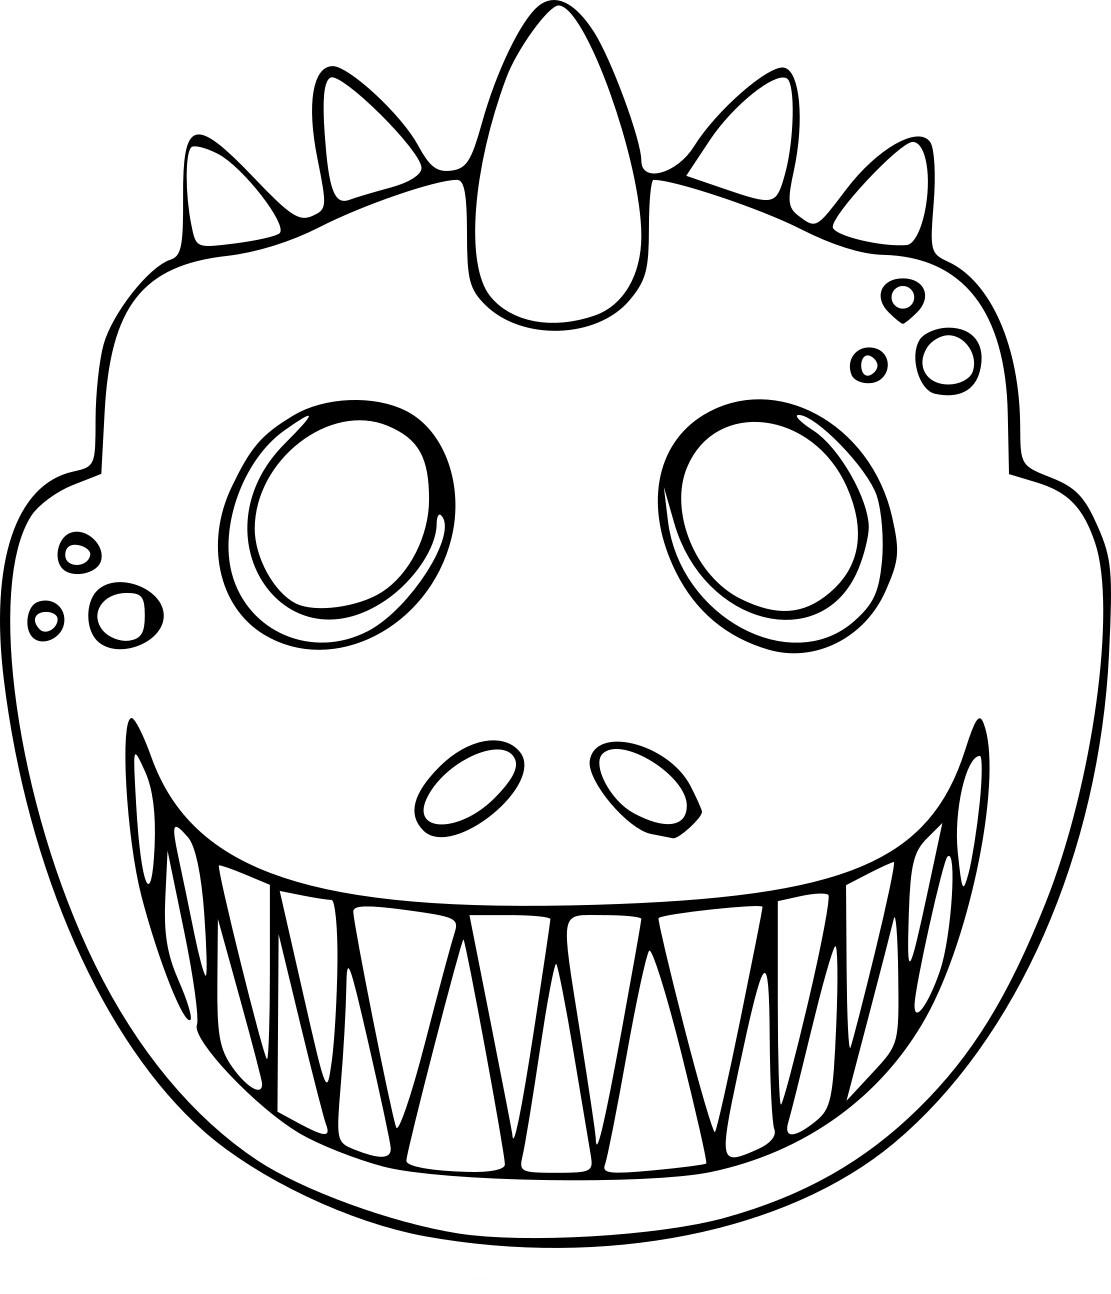 Coloriage Masque Dinosaure À Imprimer Sur Coloriages avec Masque Enfant A Colorier